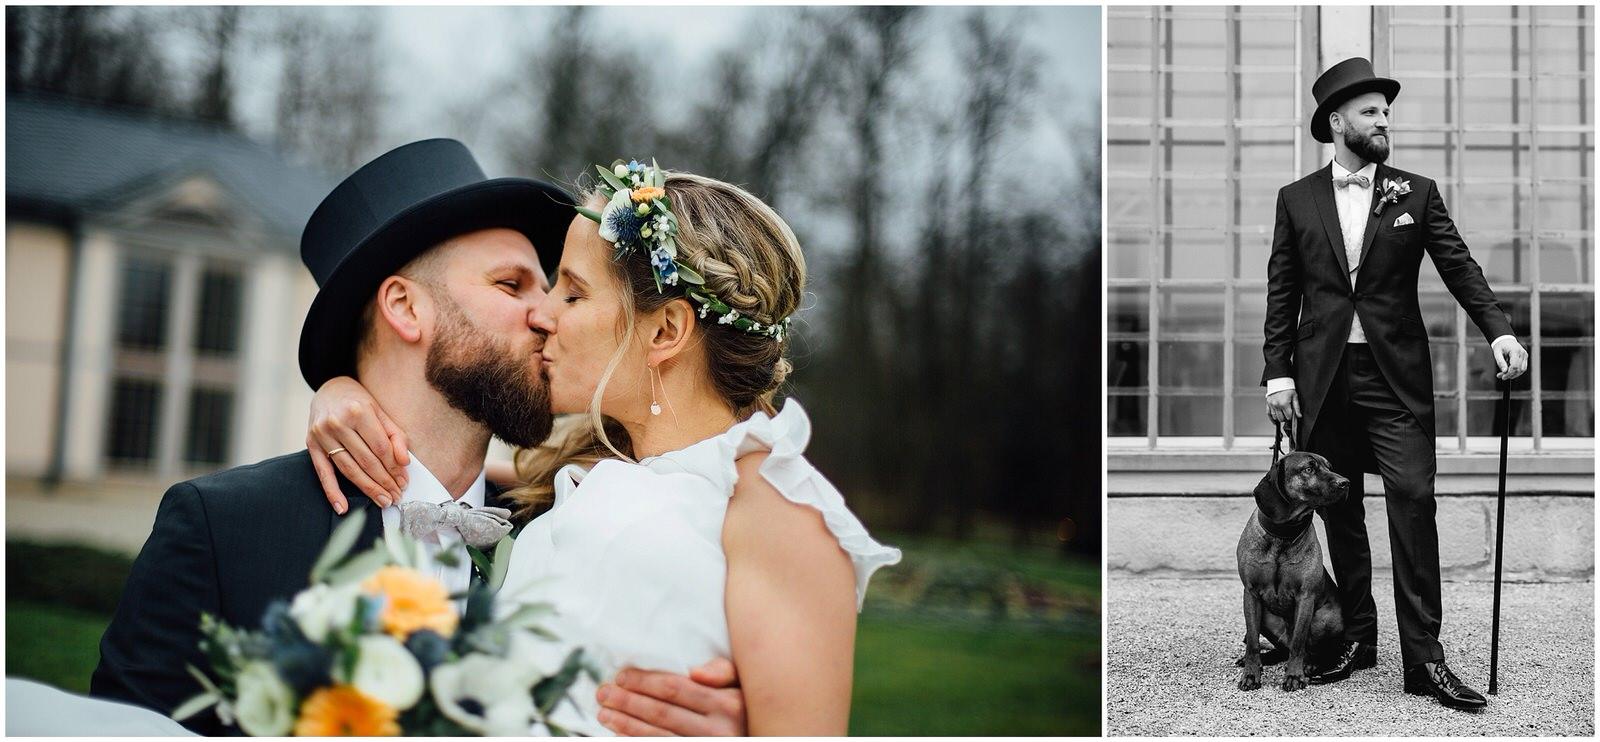 Hochzeitsfotograf_Rödental_Alte_Mühle_Alte_Orangerie_Schloss_Rosenau_100227251.JPG